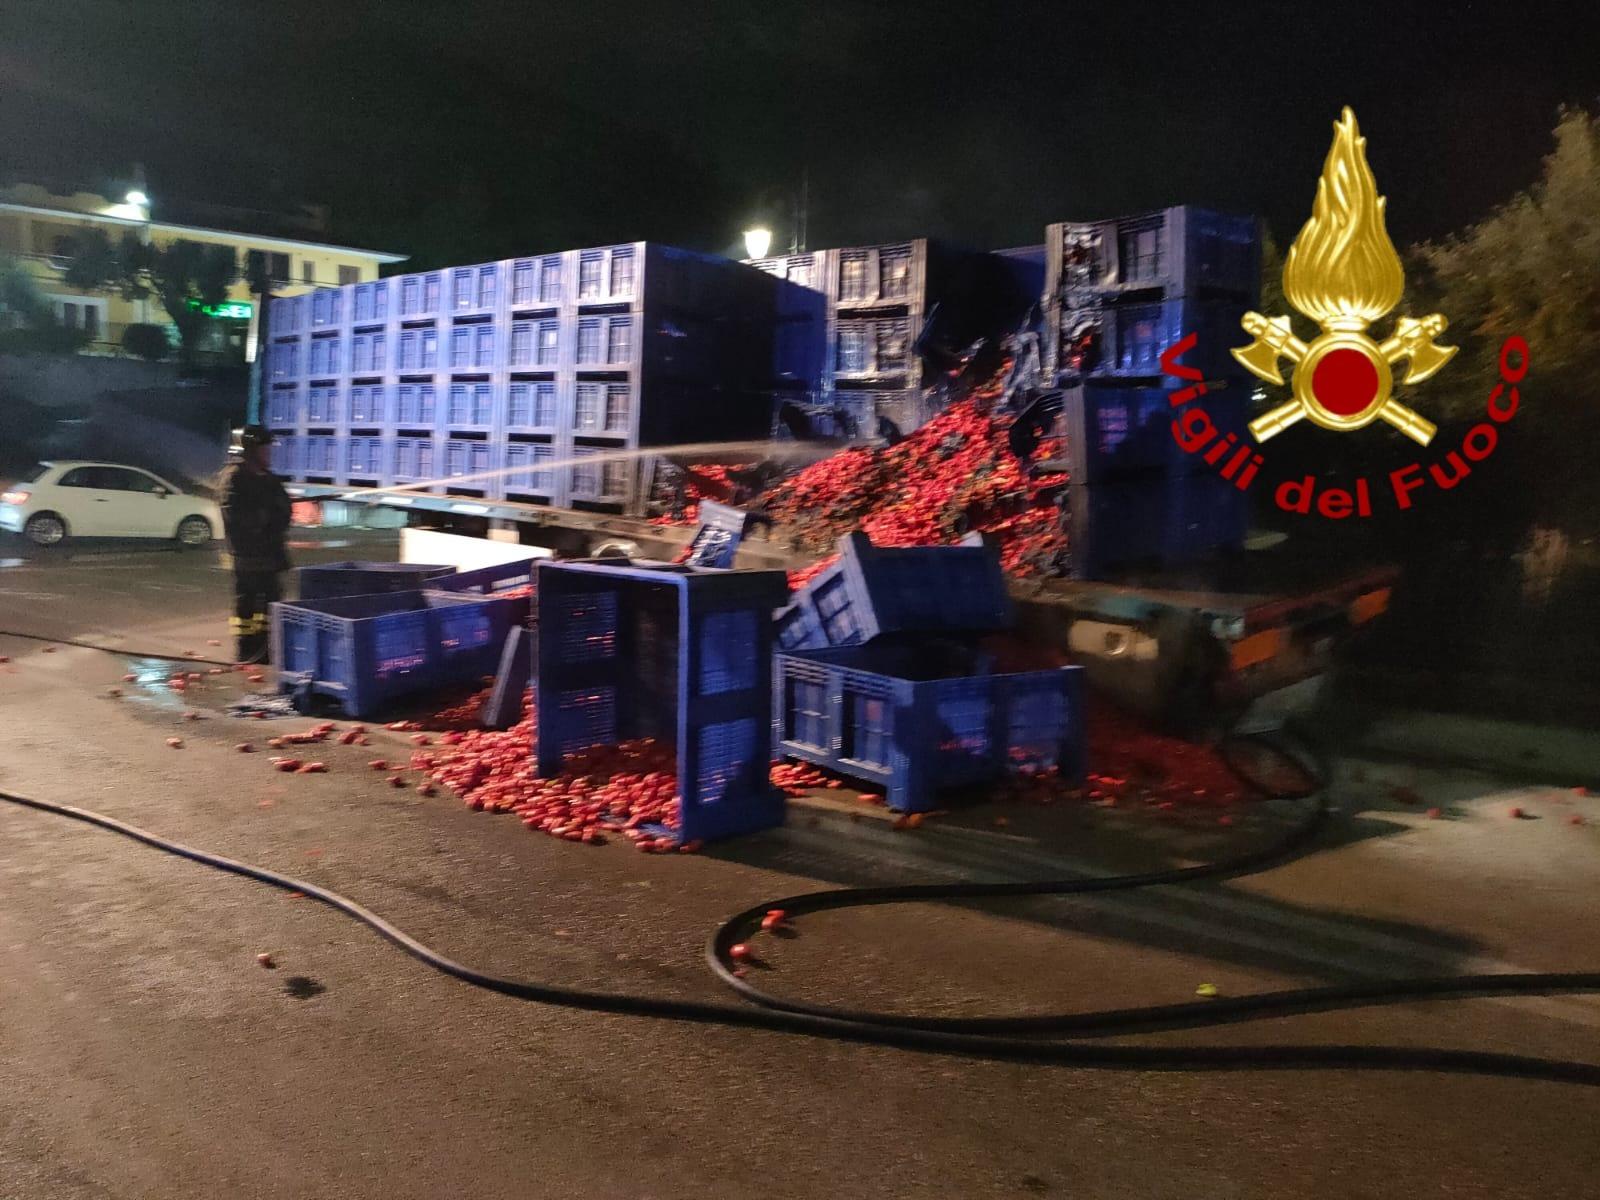 Tir di pomodori prende fuoco, paura sul raccordo Avellino-Salerno